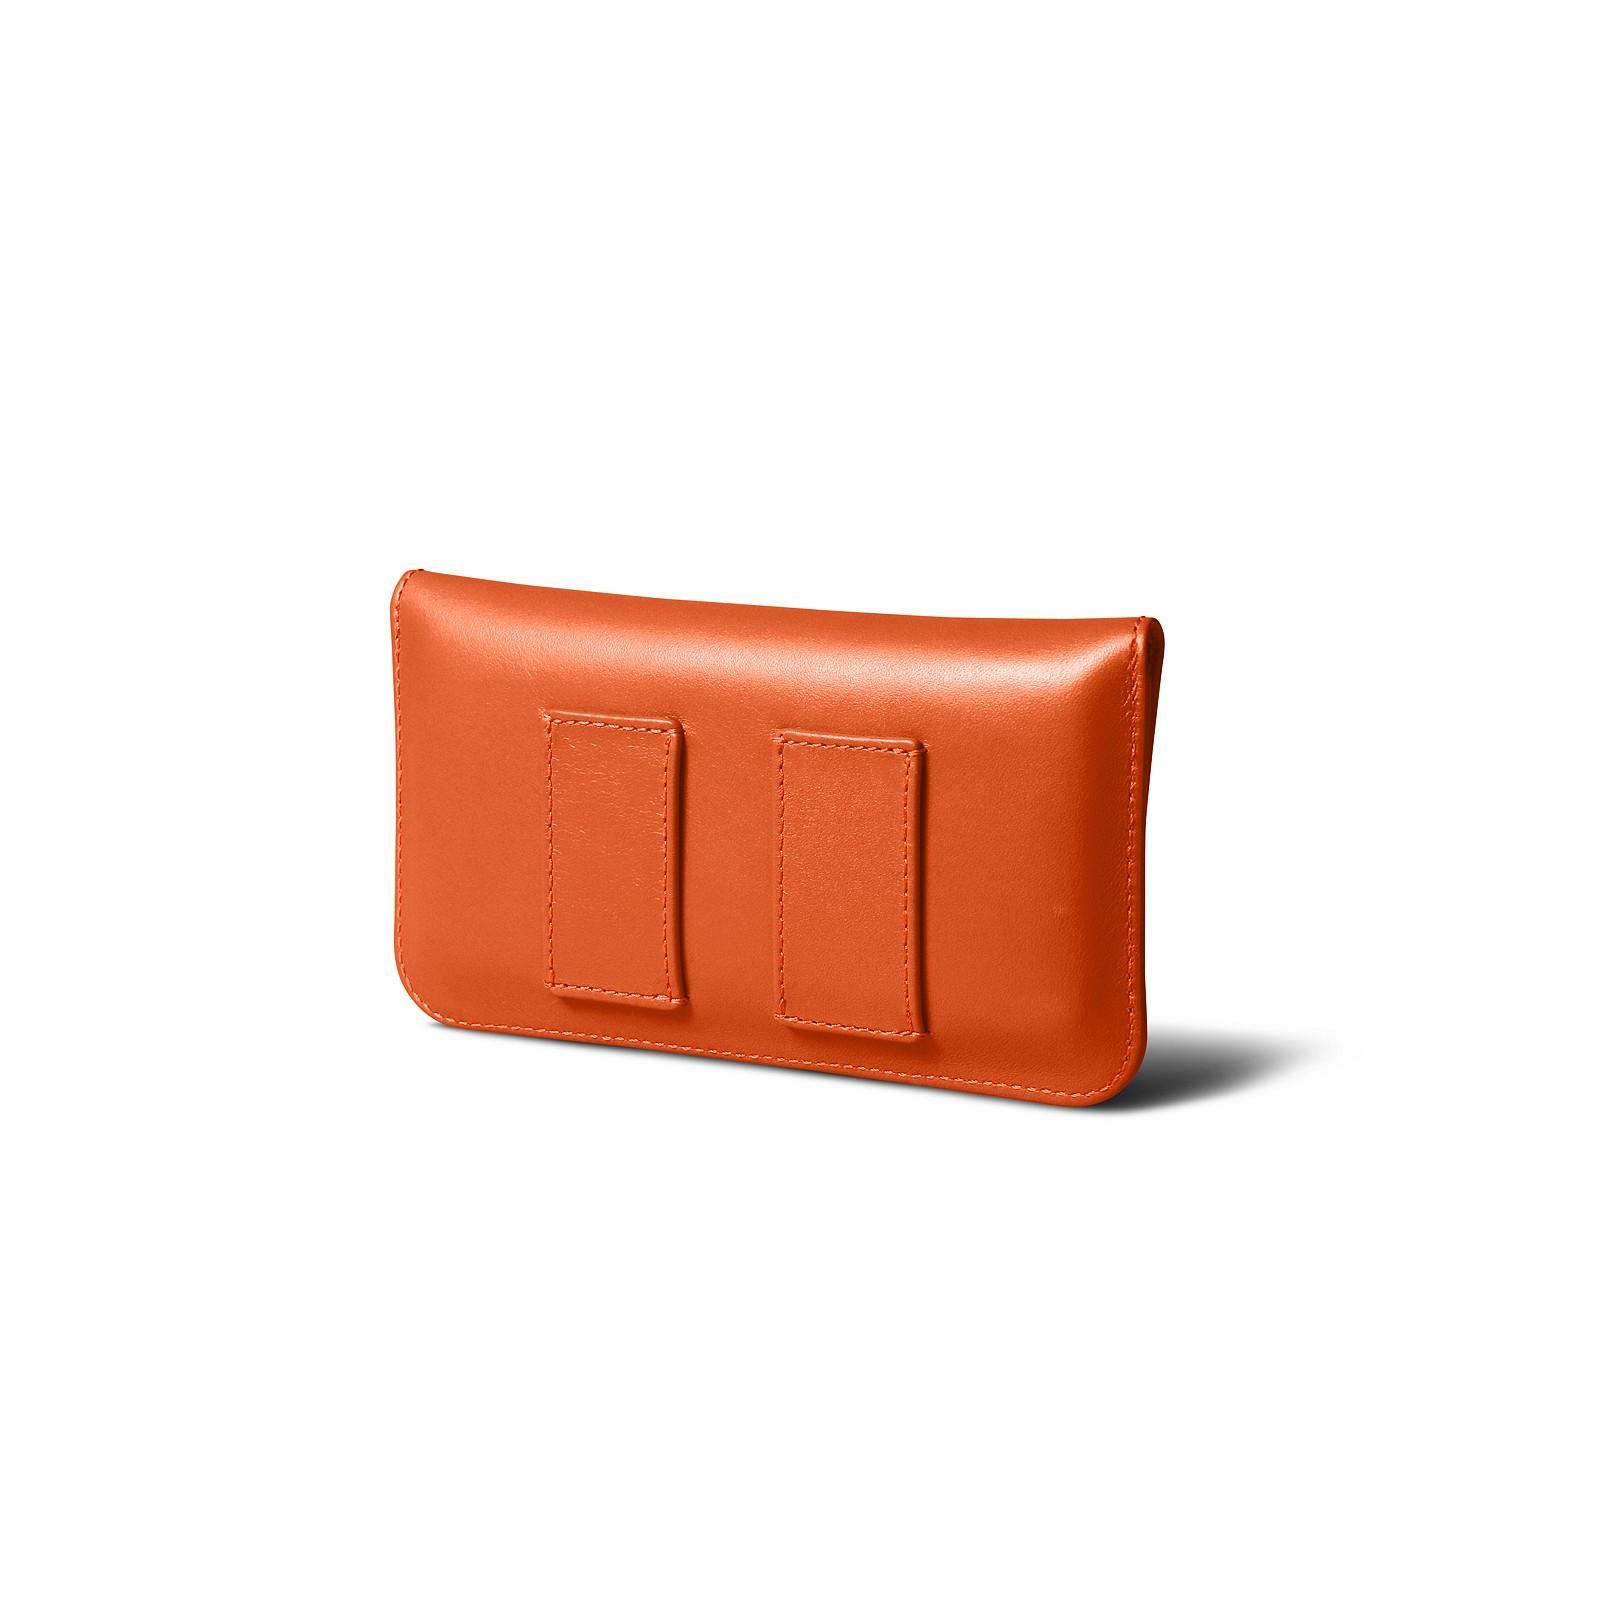 b88c5fd31c Custodia da cintura per iPhone X Arancione - Pelle Liscia Custodia da  cintura per iPhone X Arancione - Pelle Liscia  play_circle_outline